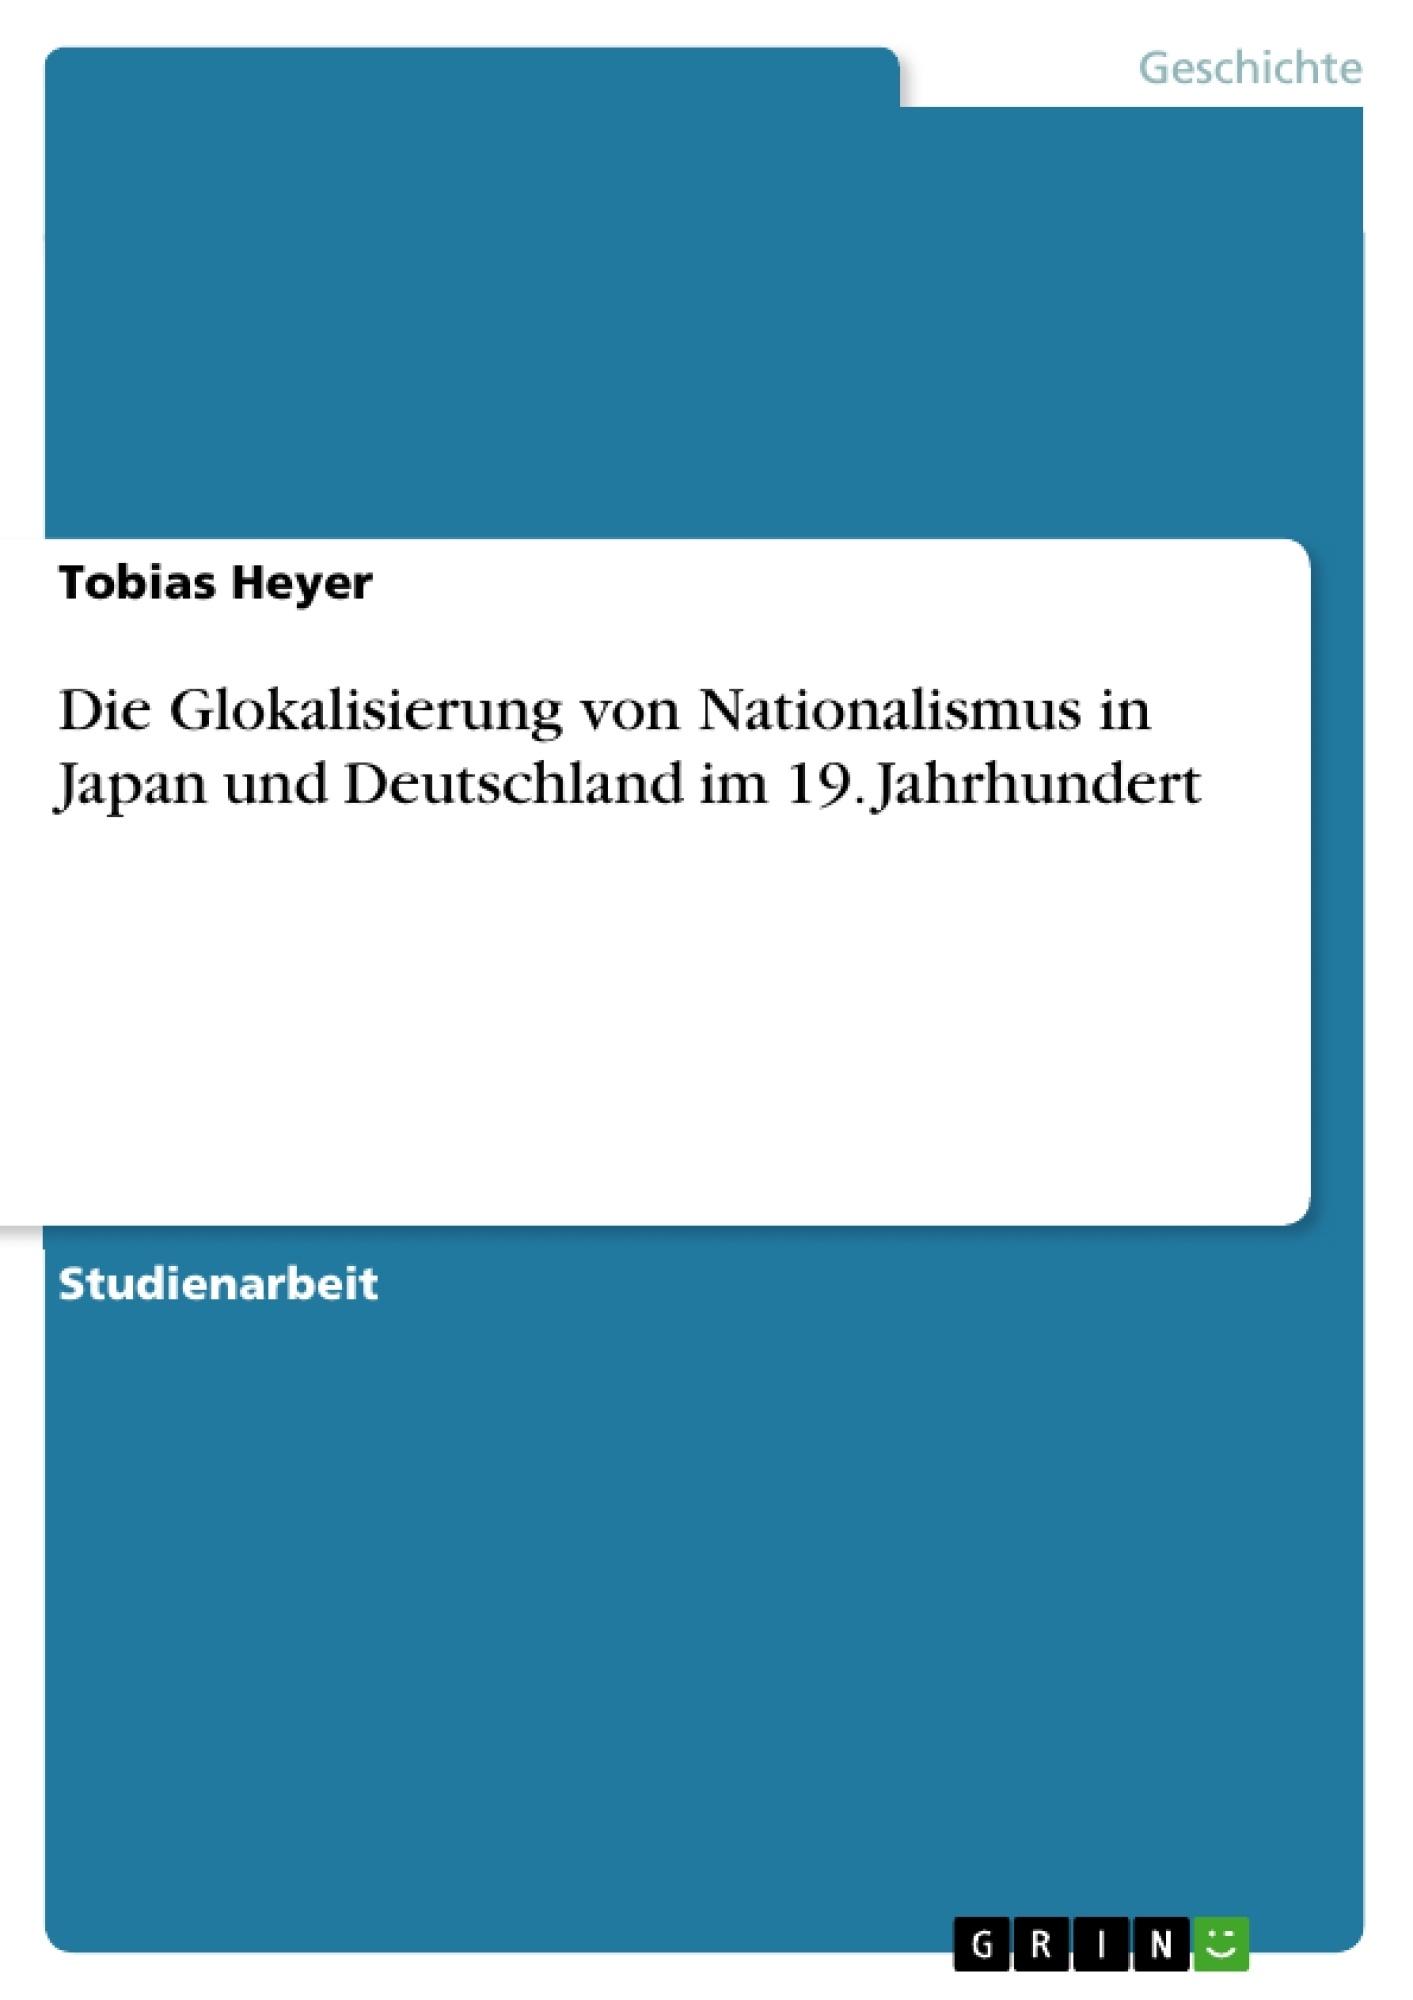 Titel: Die Glokalisierung von Nationalismus in Japan und Deutschland im 19. Jahrhundert